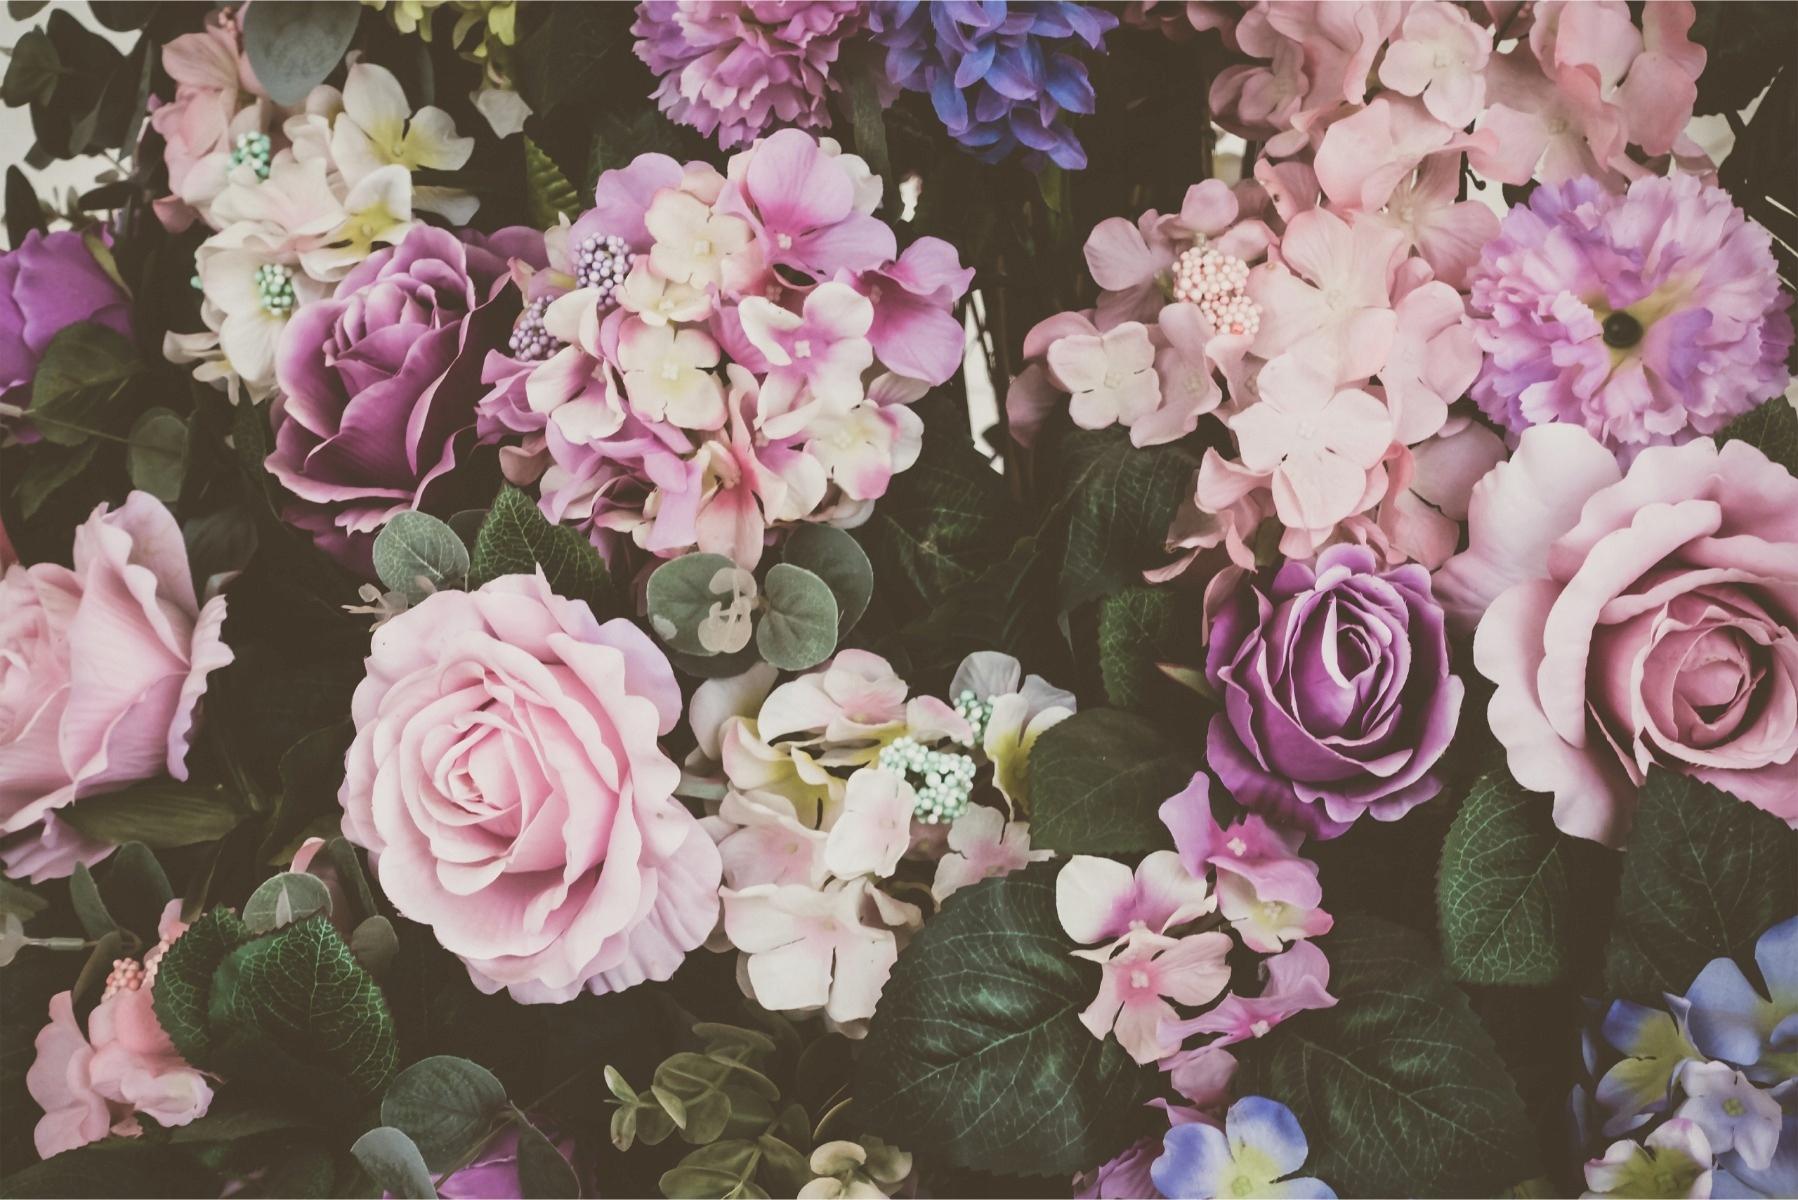 Fototapeta vinobranie kytice kvetov 360x240